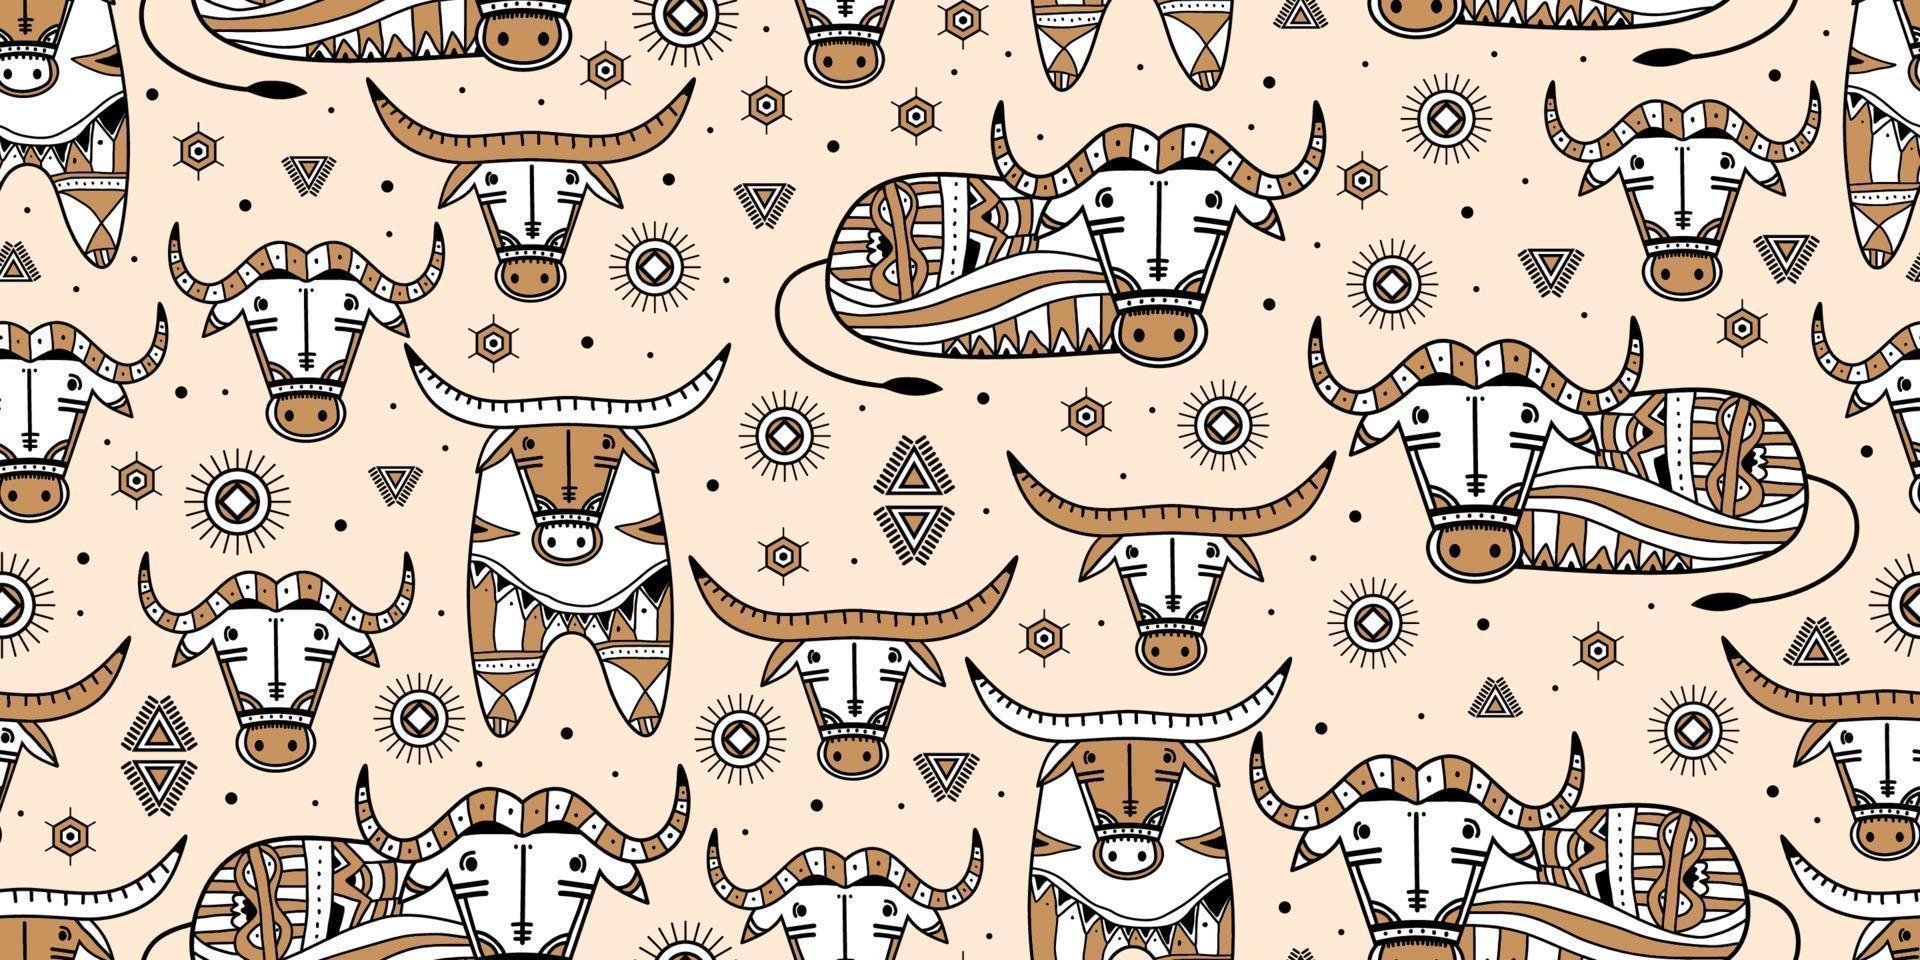 set elementen een vintage tribal buffel. stier logo ontwerp geïsoleerd op een witte achtergrond. Chinees dierenriemsymbool van het nieuwe jaar 2021. vectorillustratie van decoratieve sterrenbeeld stier vector